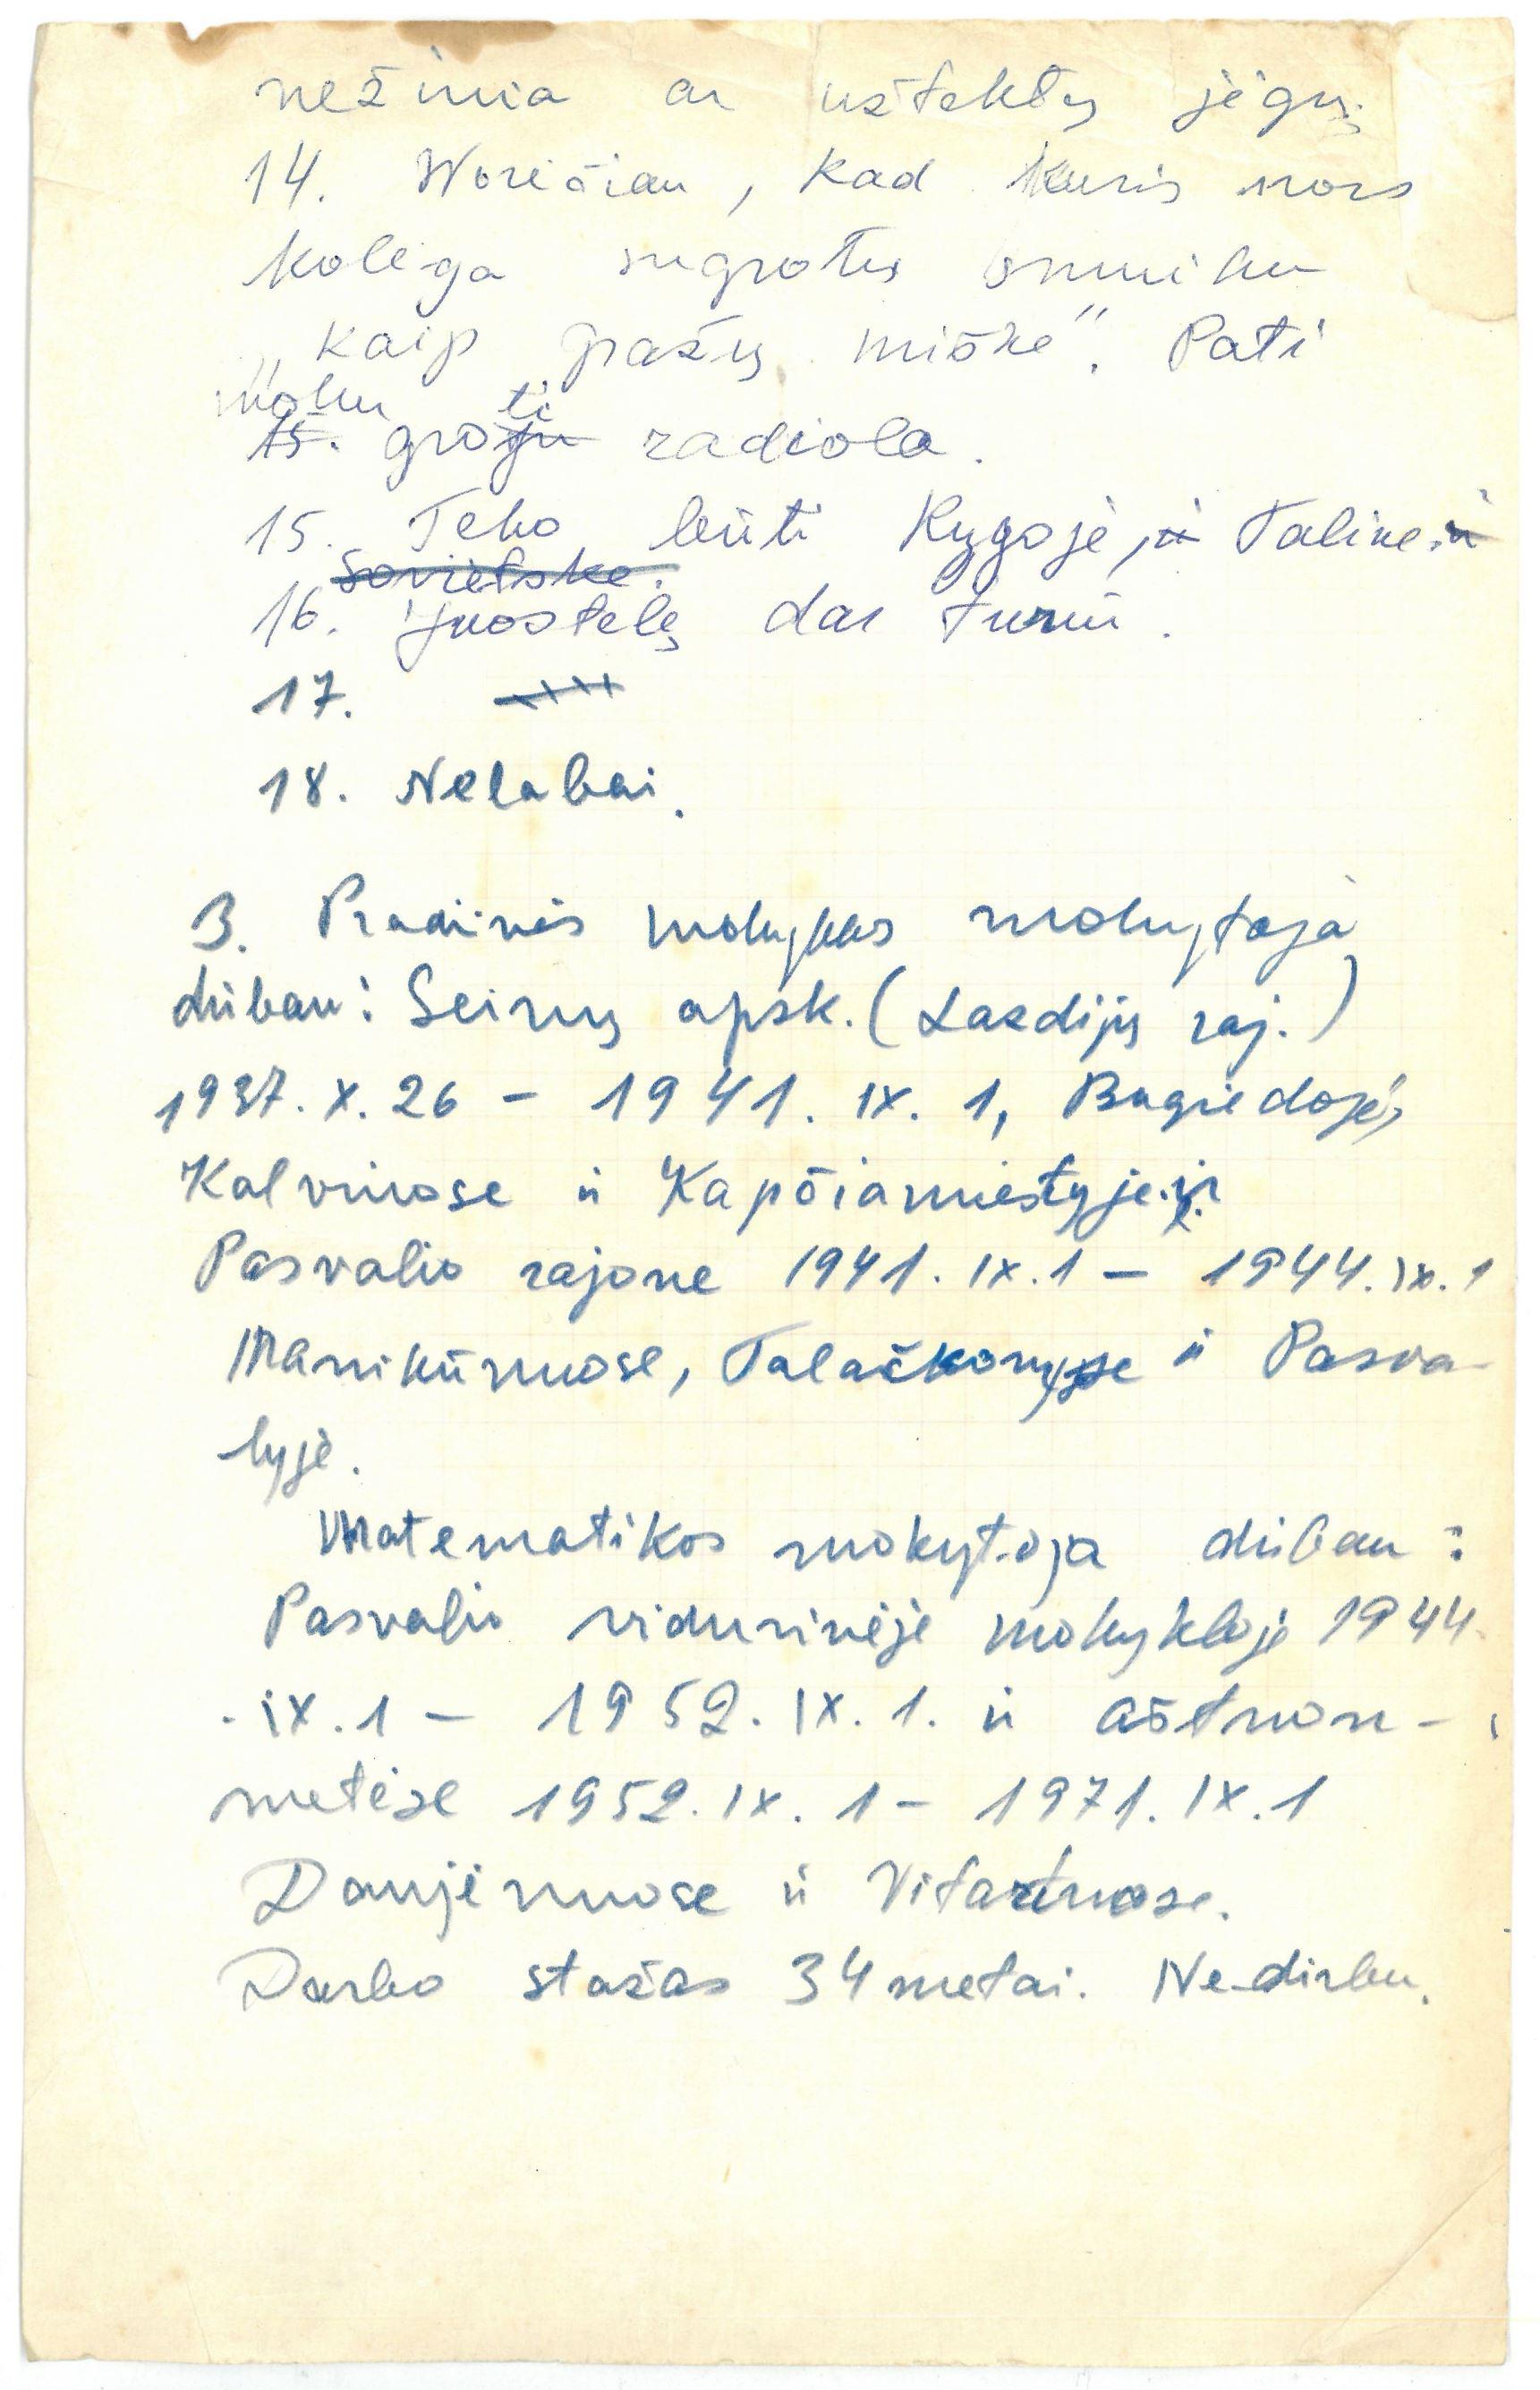 Elizabetos Avižonytės-Vaitkienės ranka rašytas tekstas, kuriame ji išvardija savo darbovietes